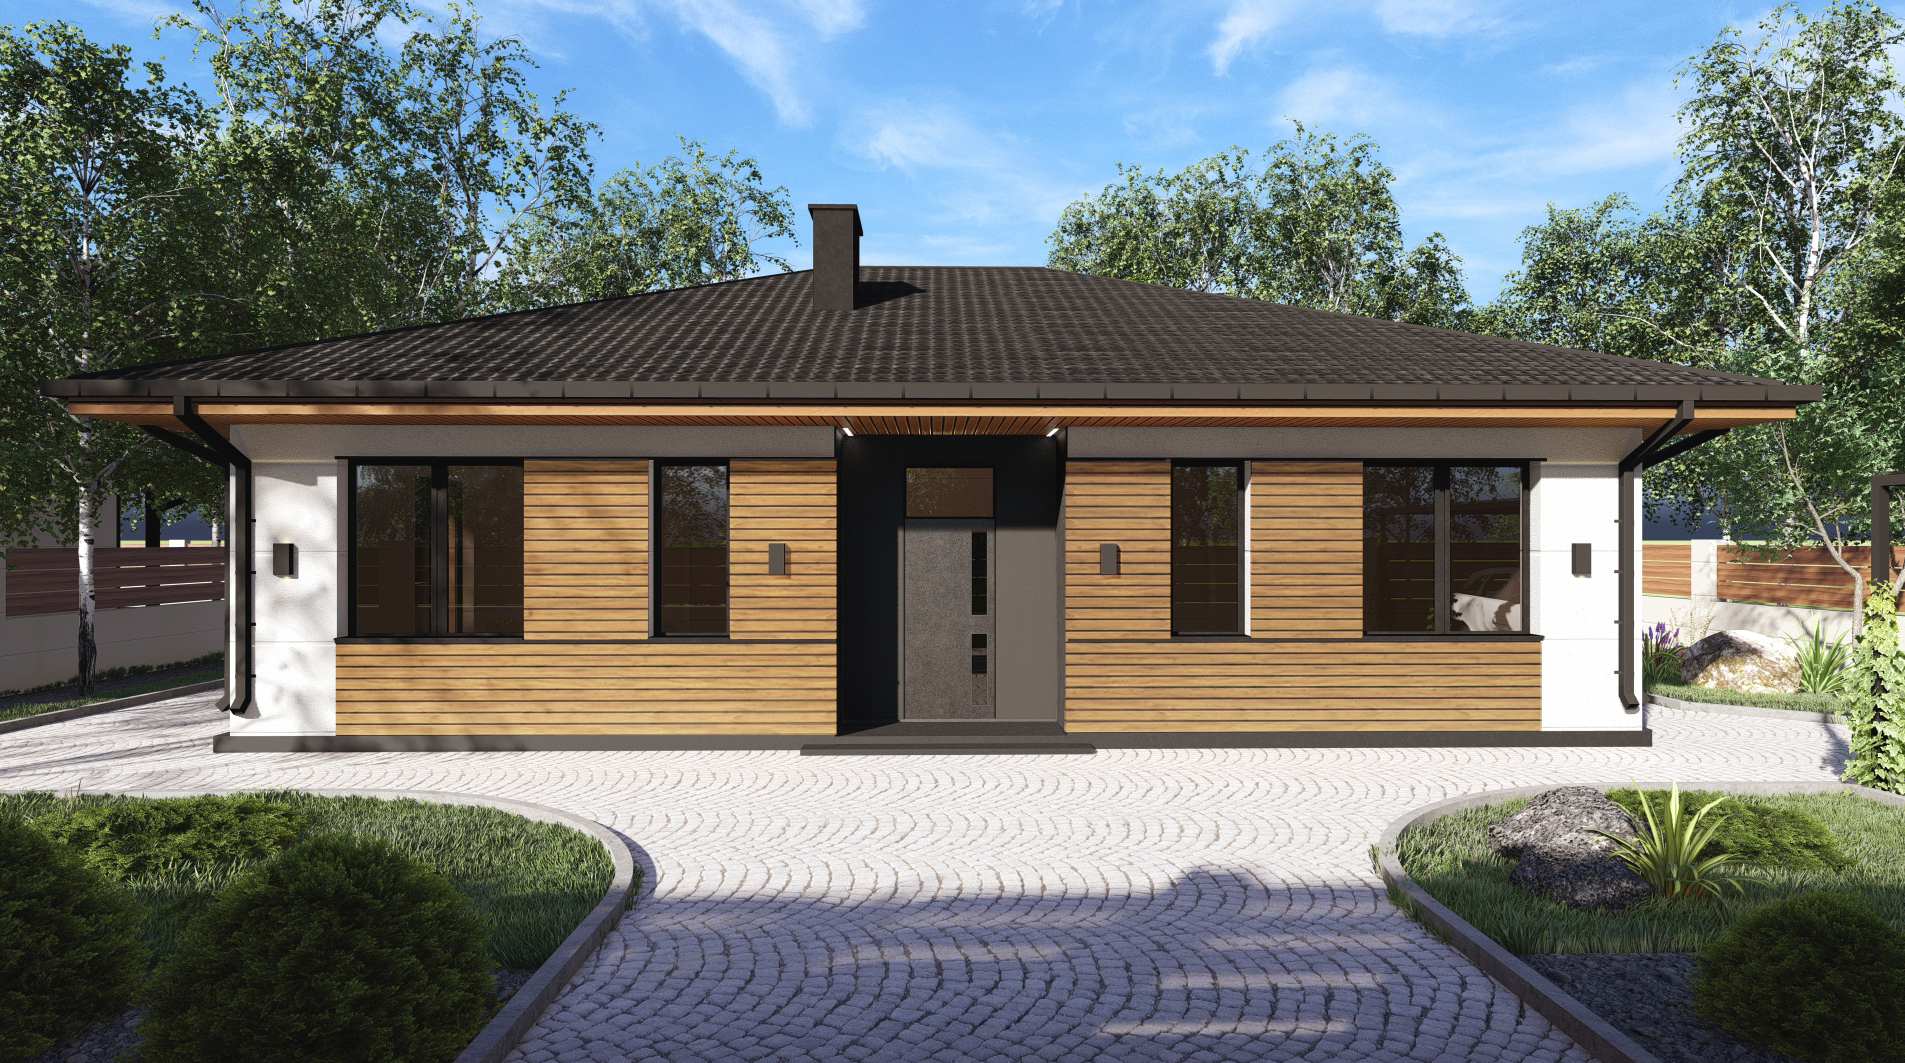 Проект будинку DB12 v1 - 1